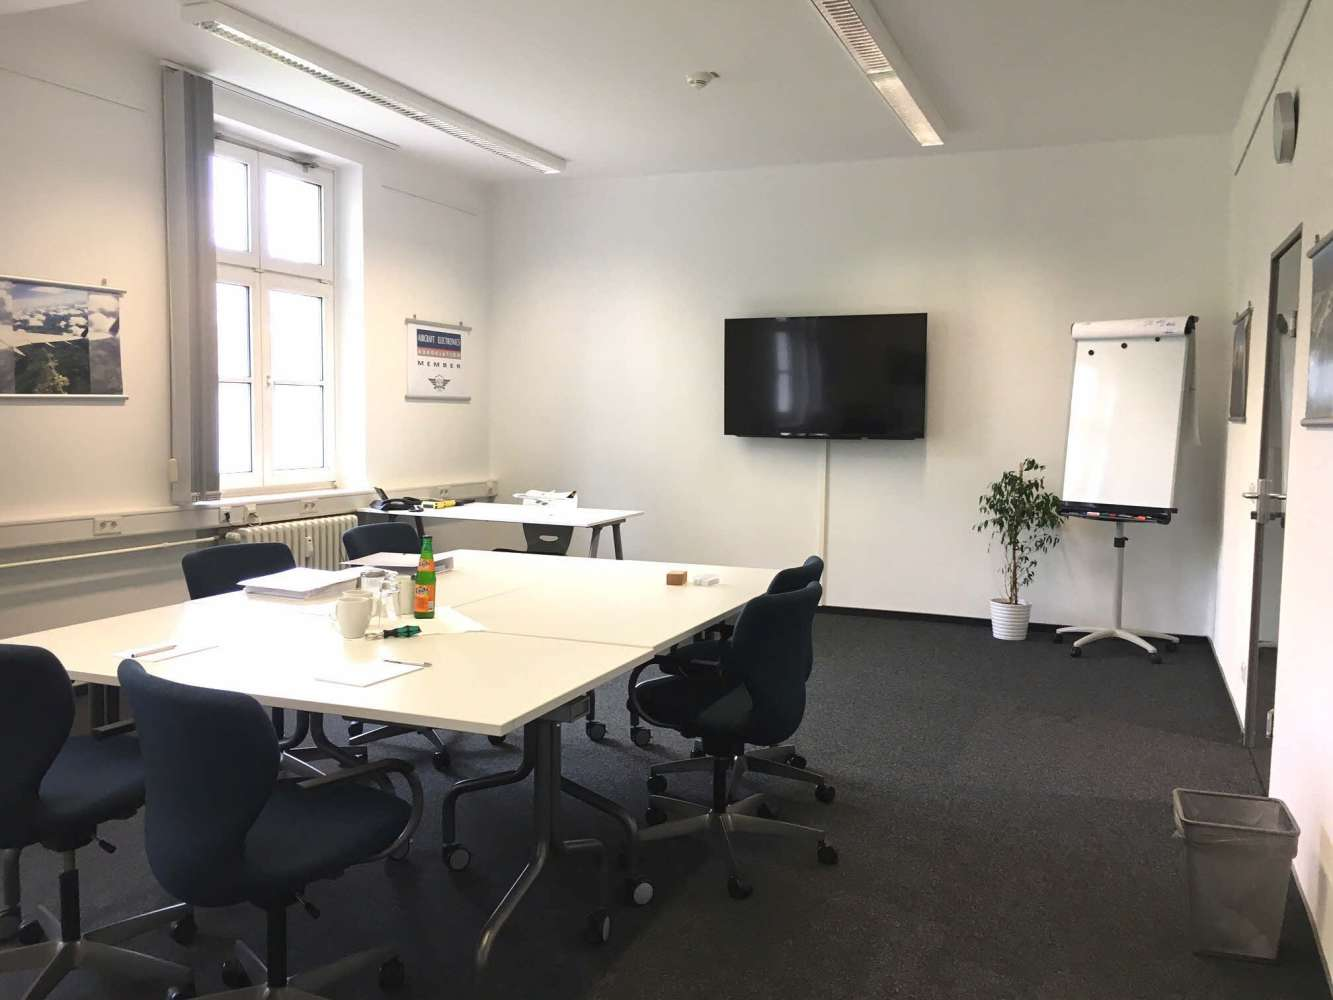 Büros Langenhagen, 30855 - Büro - Langenhagen, Alt-Langenhagen - H1312 - 9580302